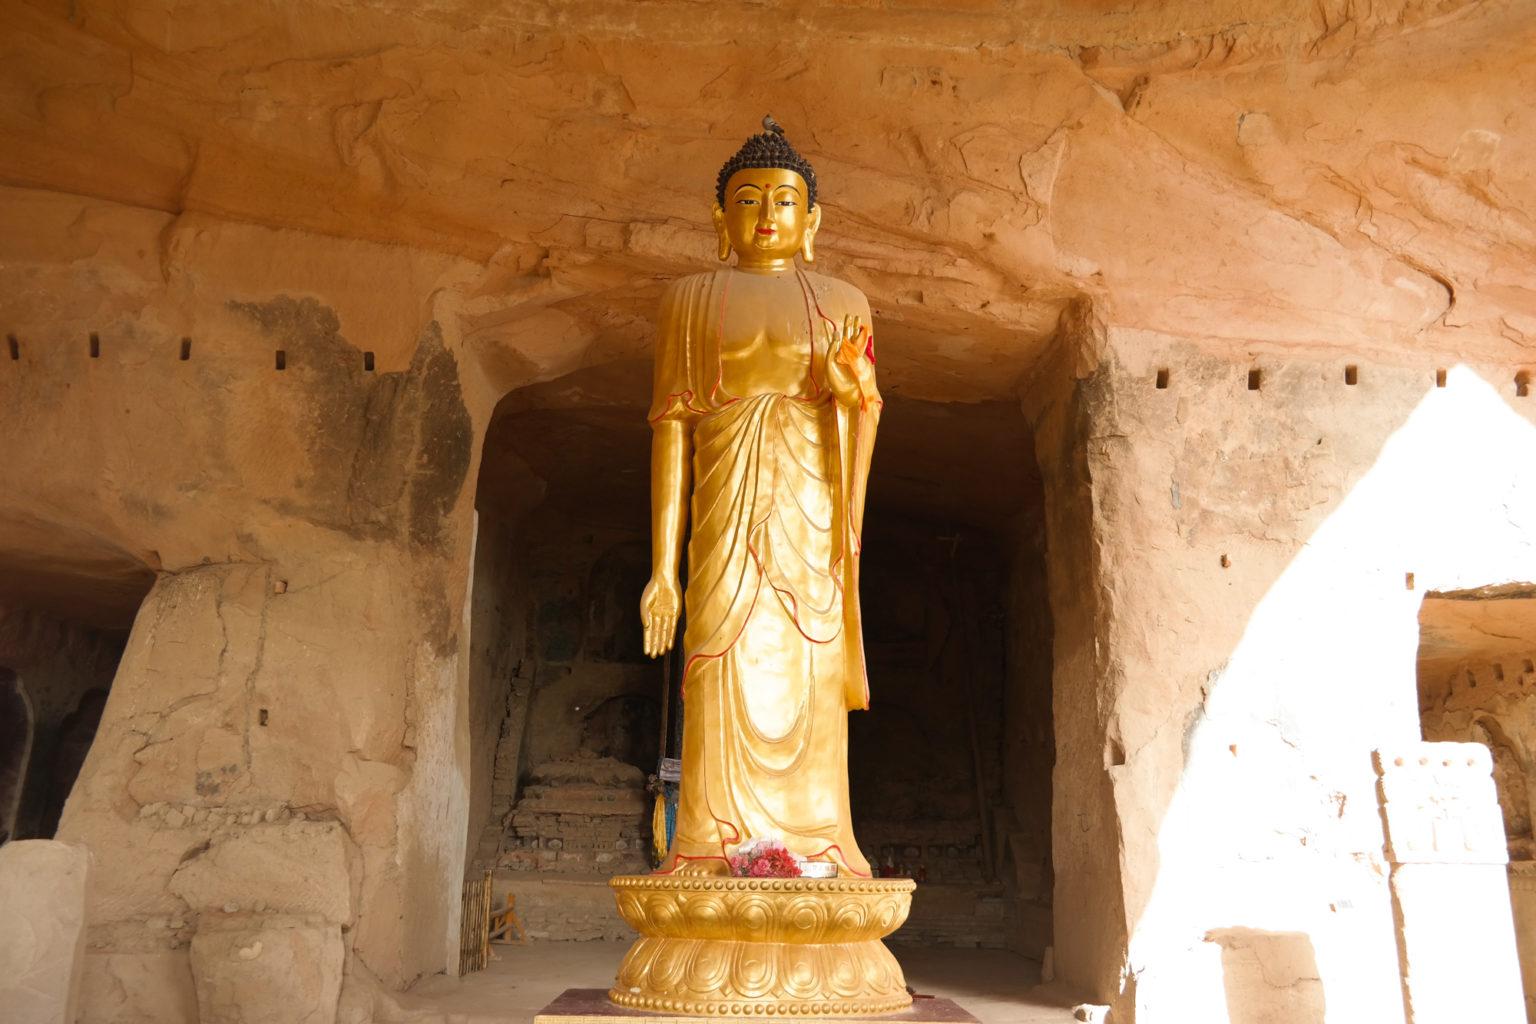 10 metrowy pomnik Buddhy w największej grocie Chin